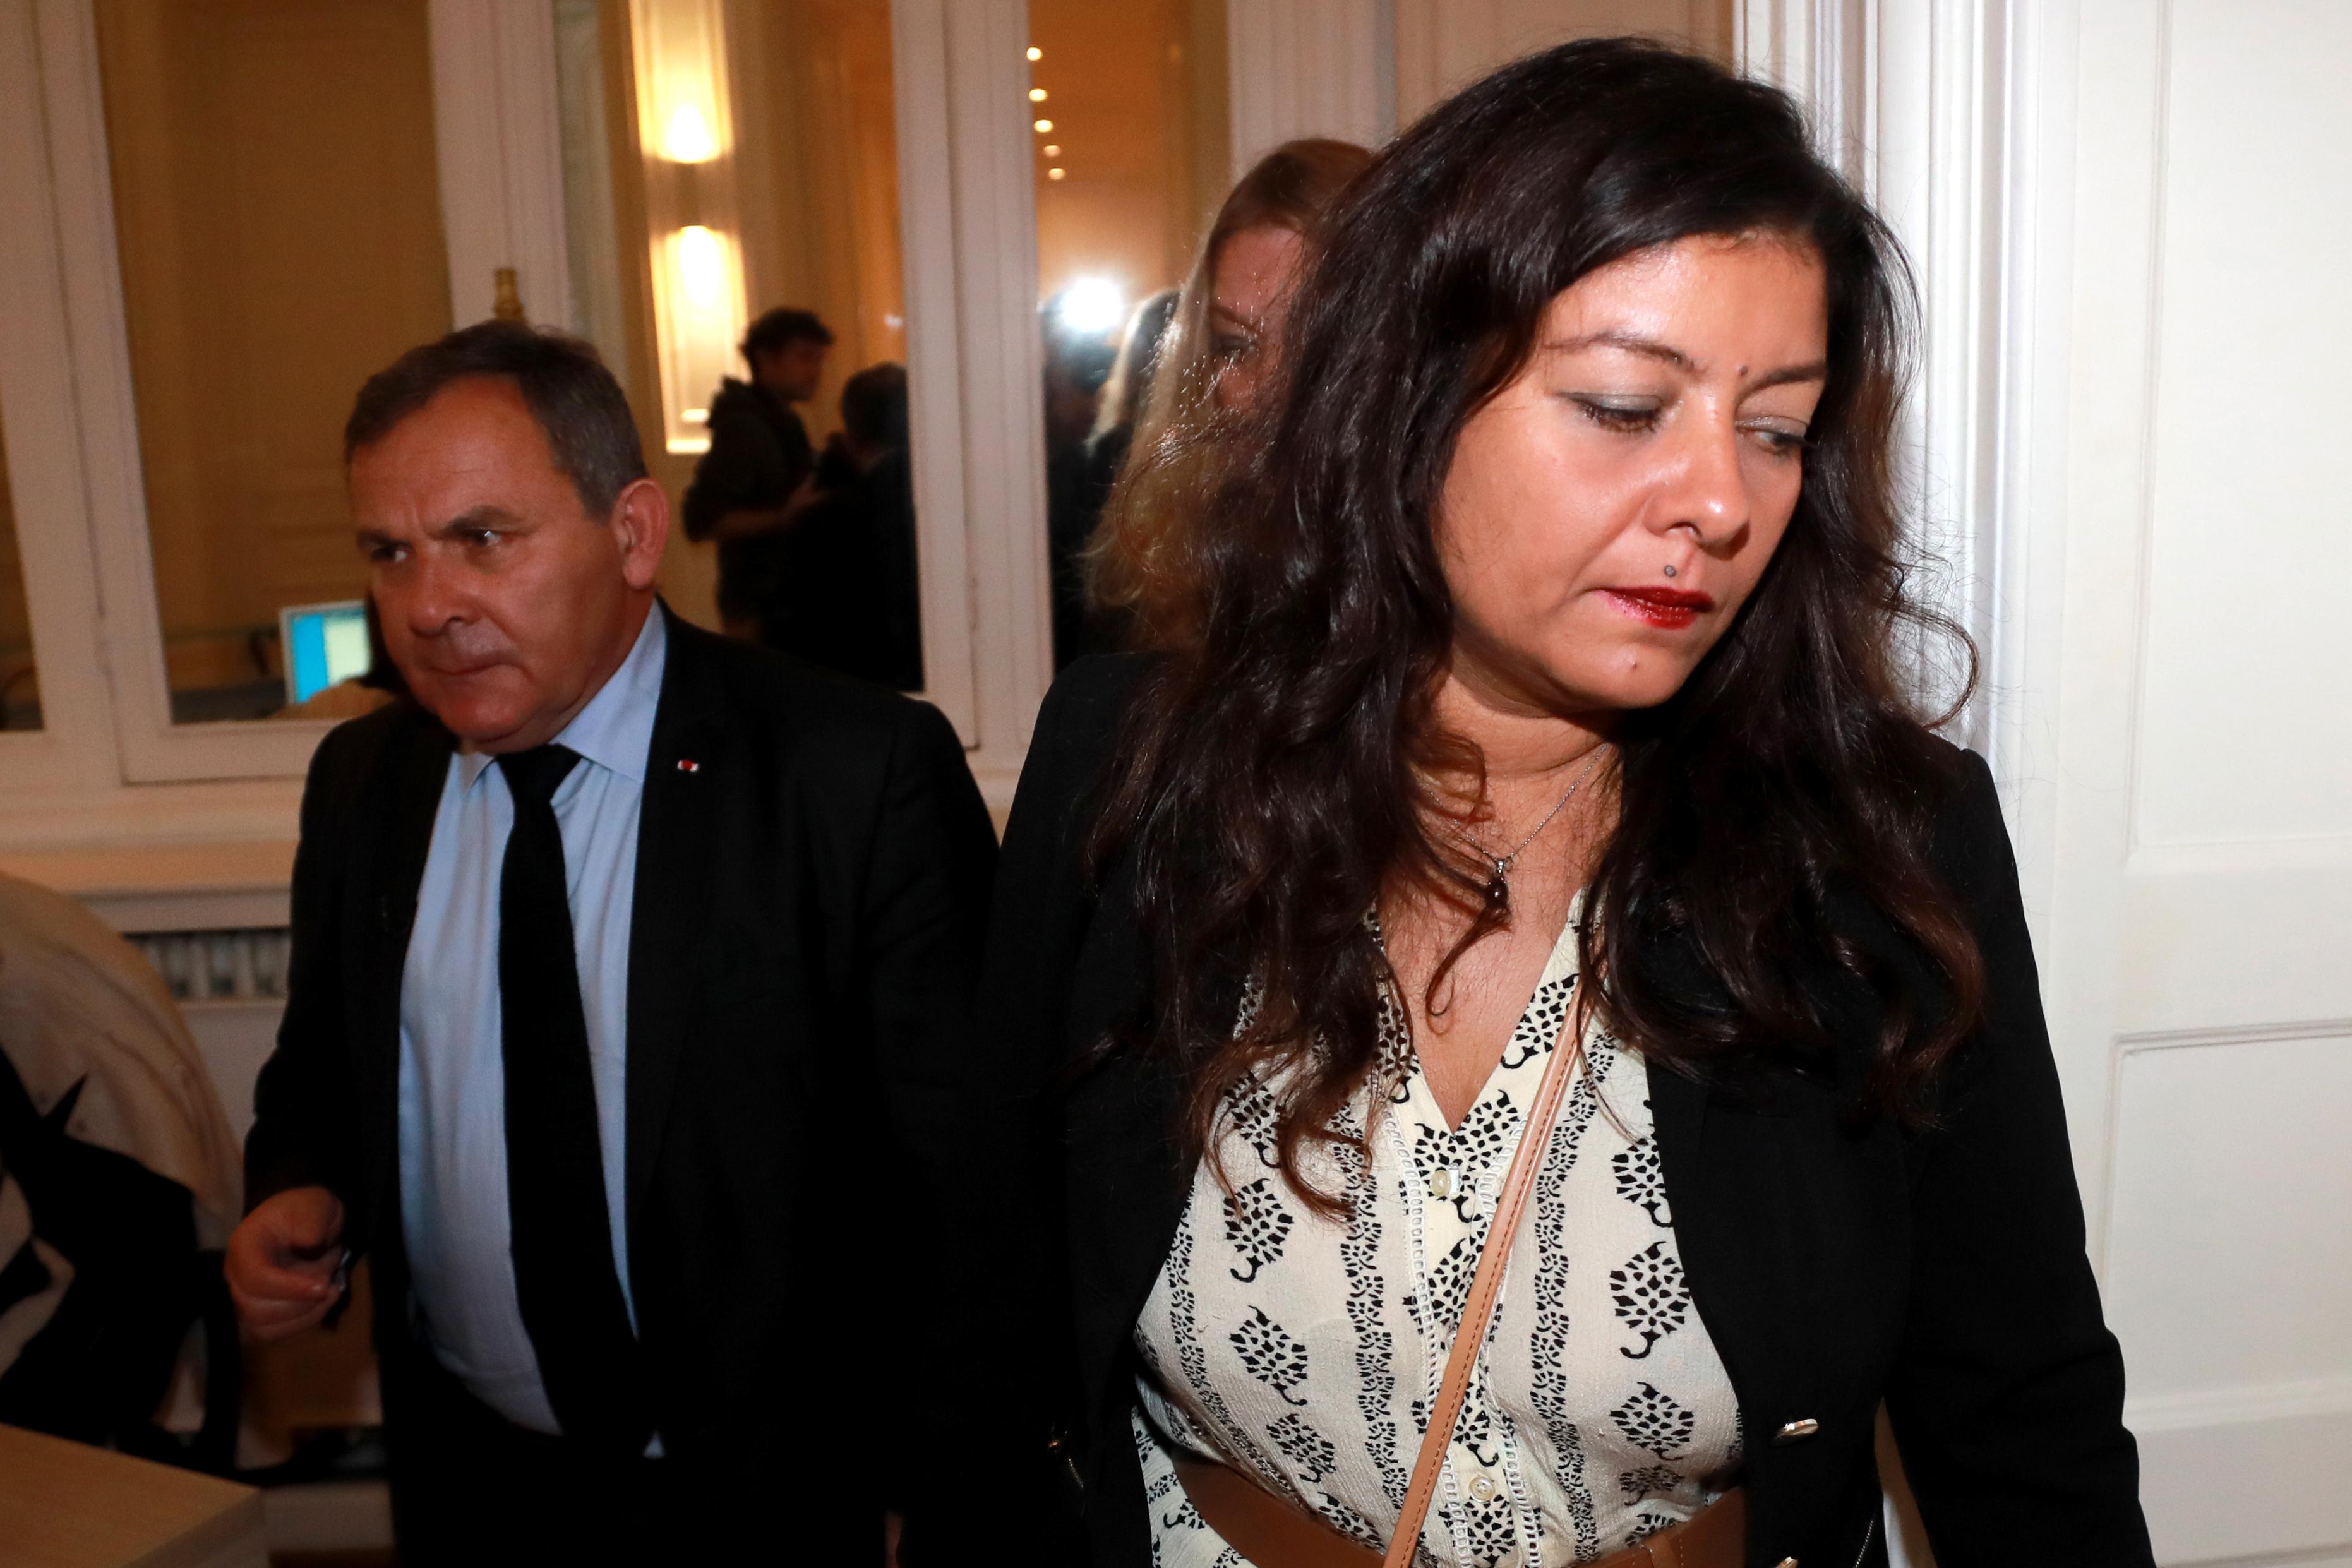 Elítélte a bíróság a #MeToo egyik francia ikonját, amiért tönkretette egy férfi karrierjét